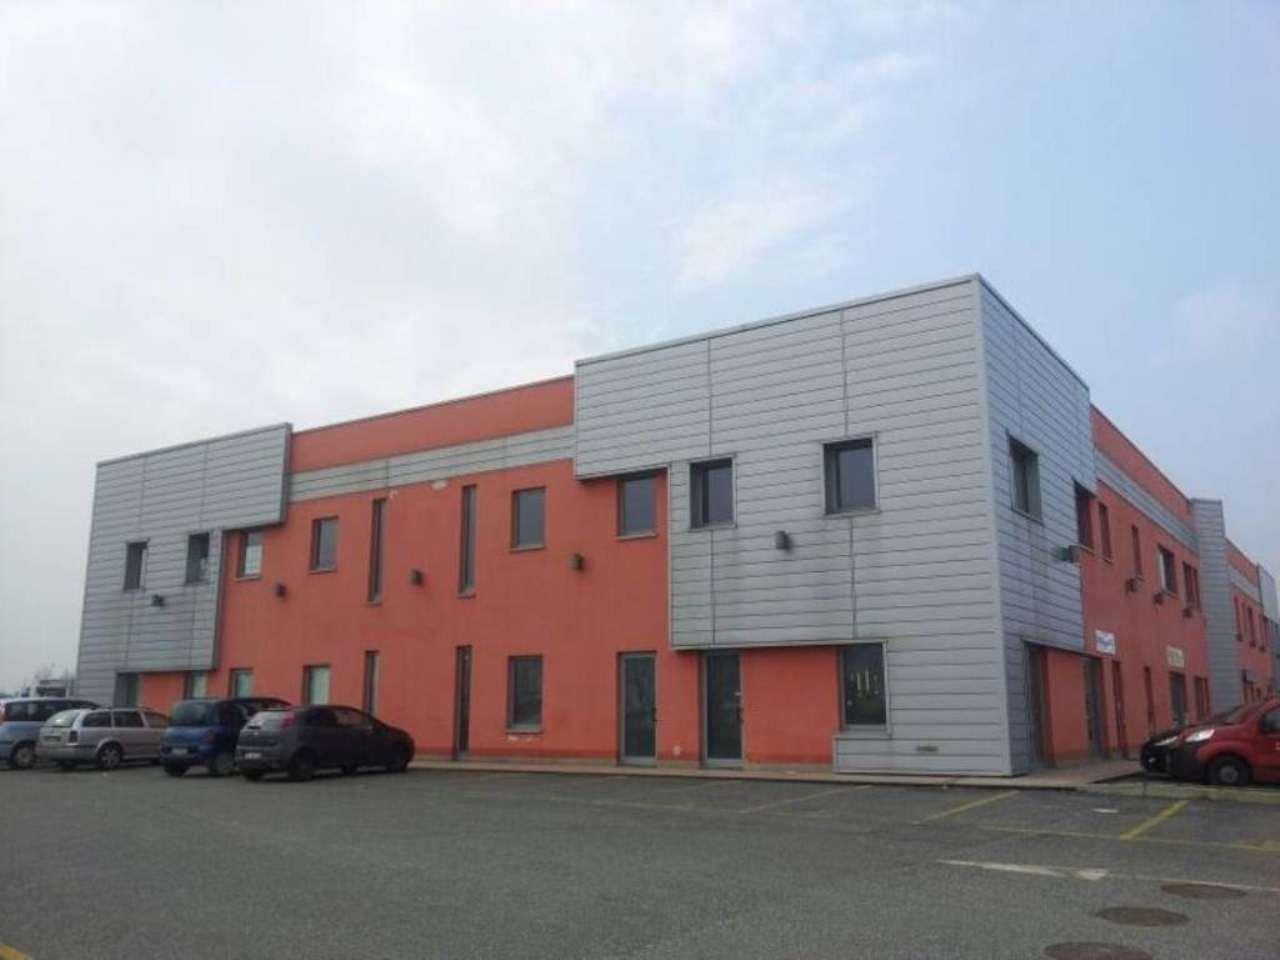 Ufficio, 1 locale, in vendita, Pianezza, zona centrale Rif. 4947945